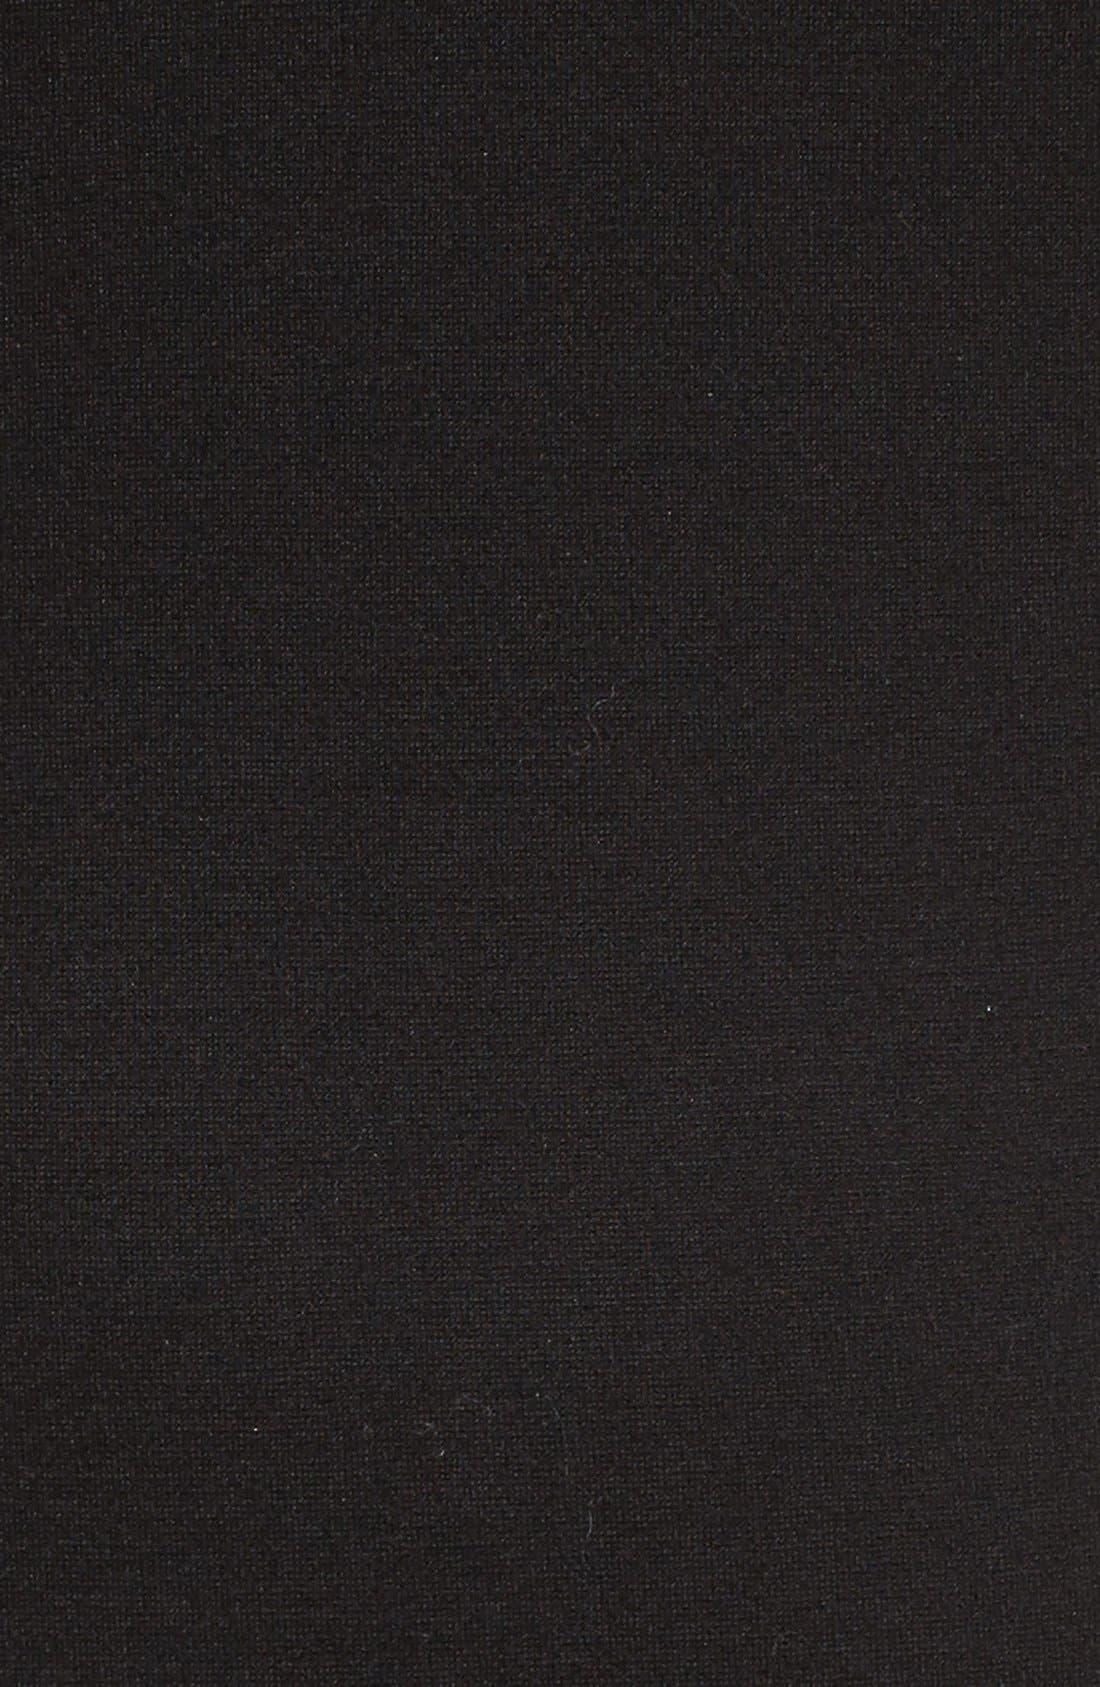 Lace & Ponte Dress,                             Alternate thumbnail 10, color,                             001